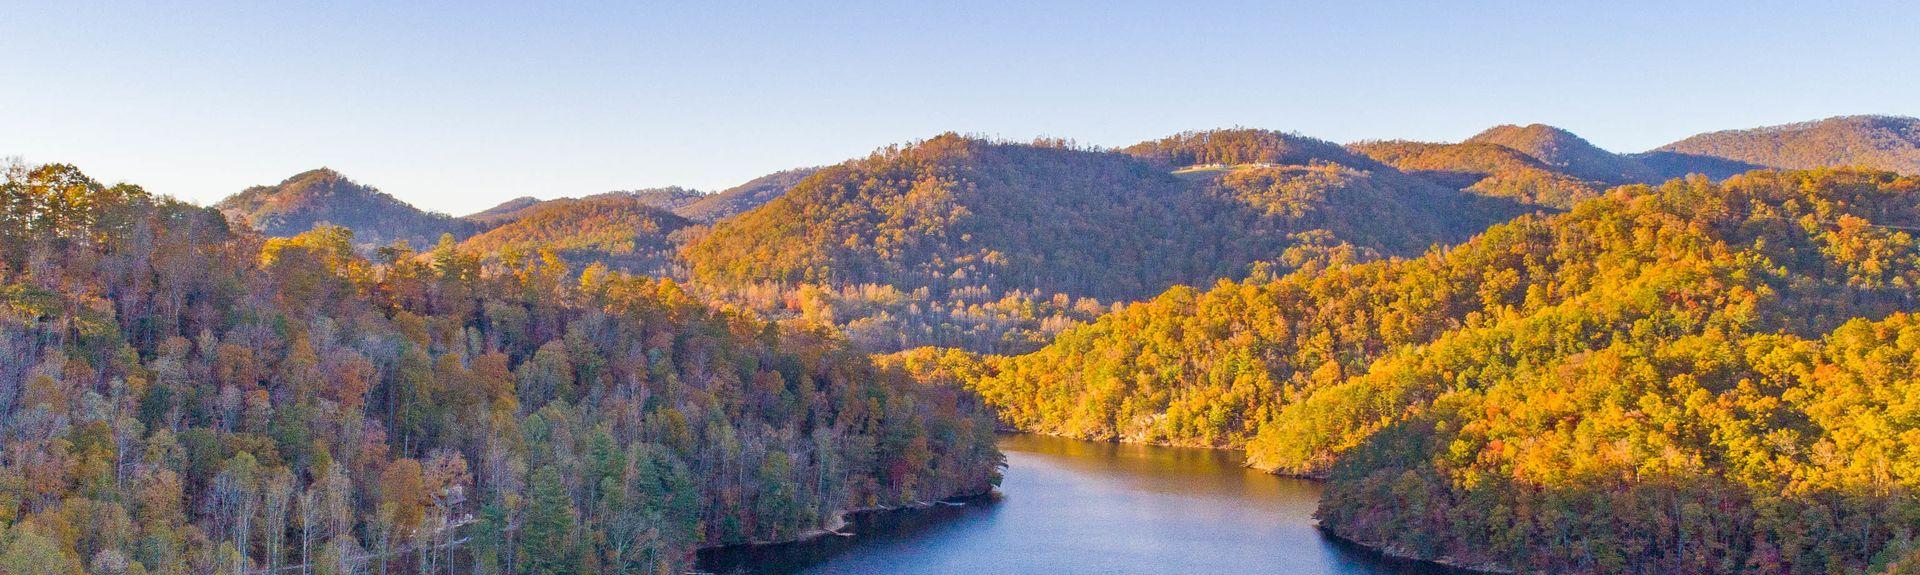 Macon County, NC, USA